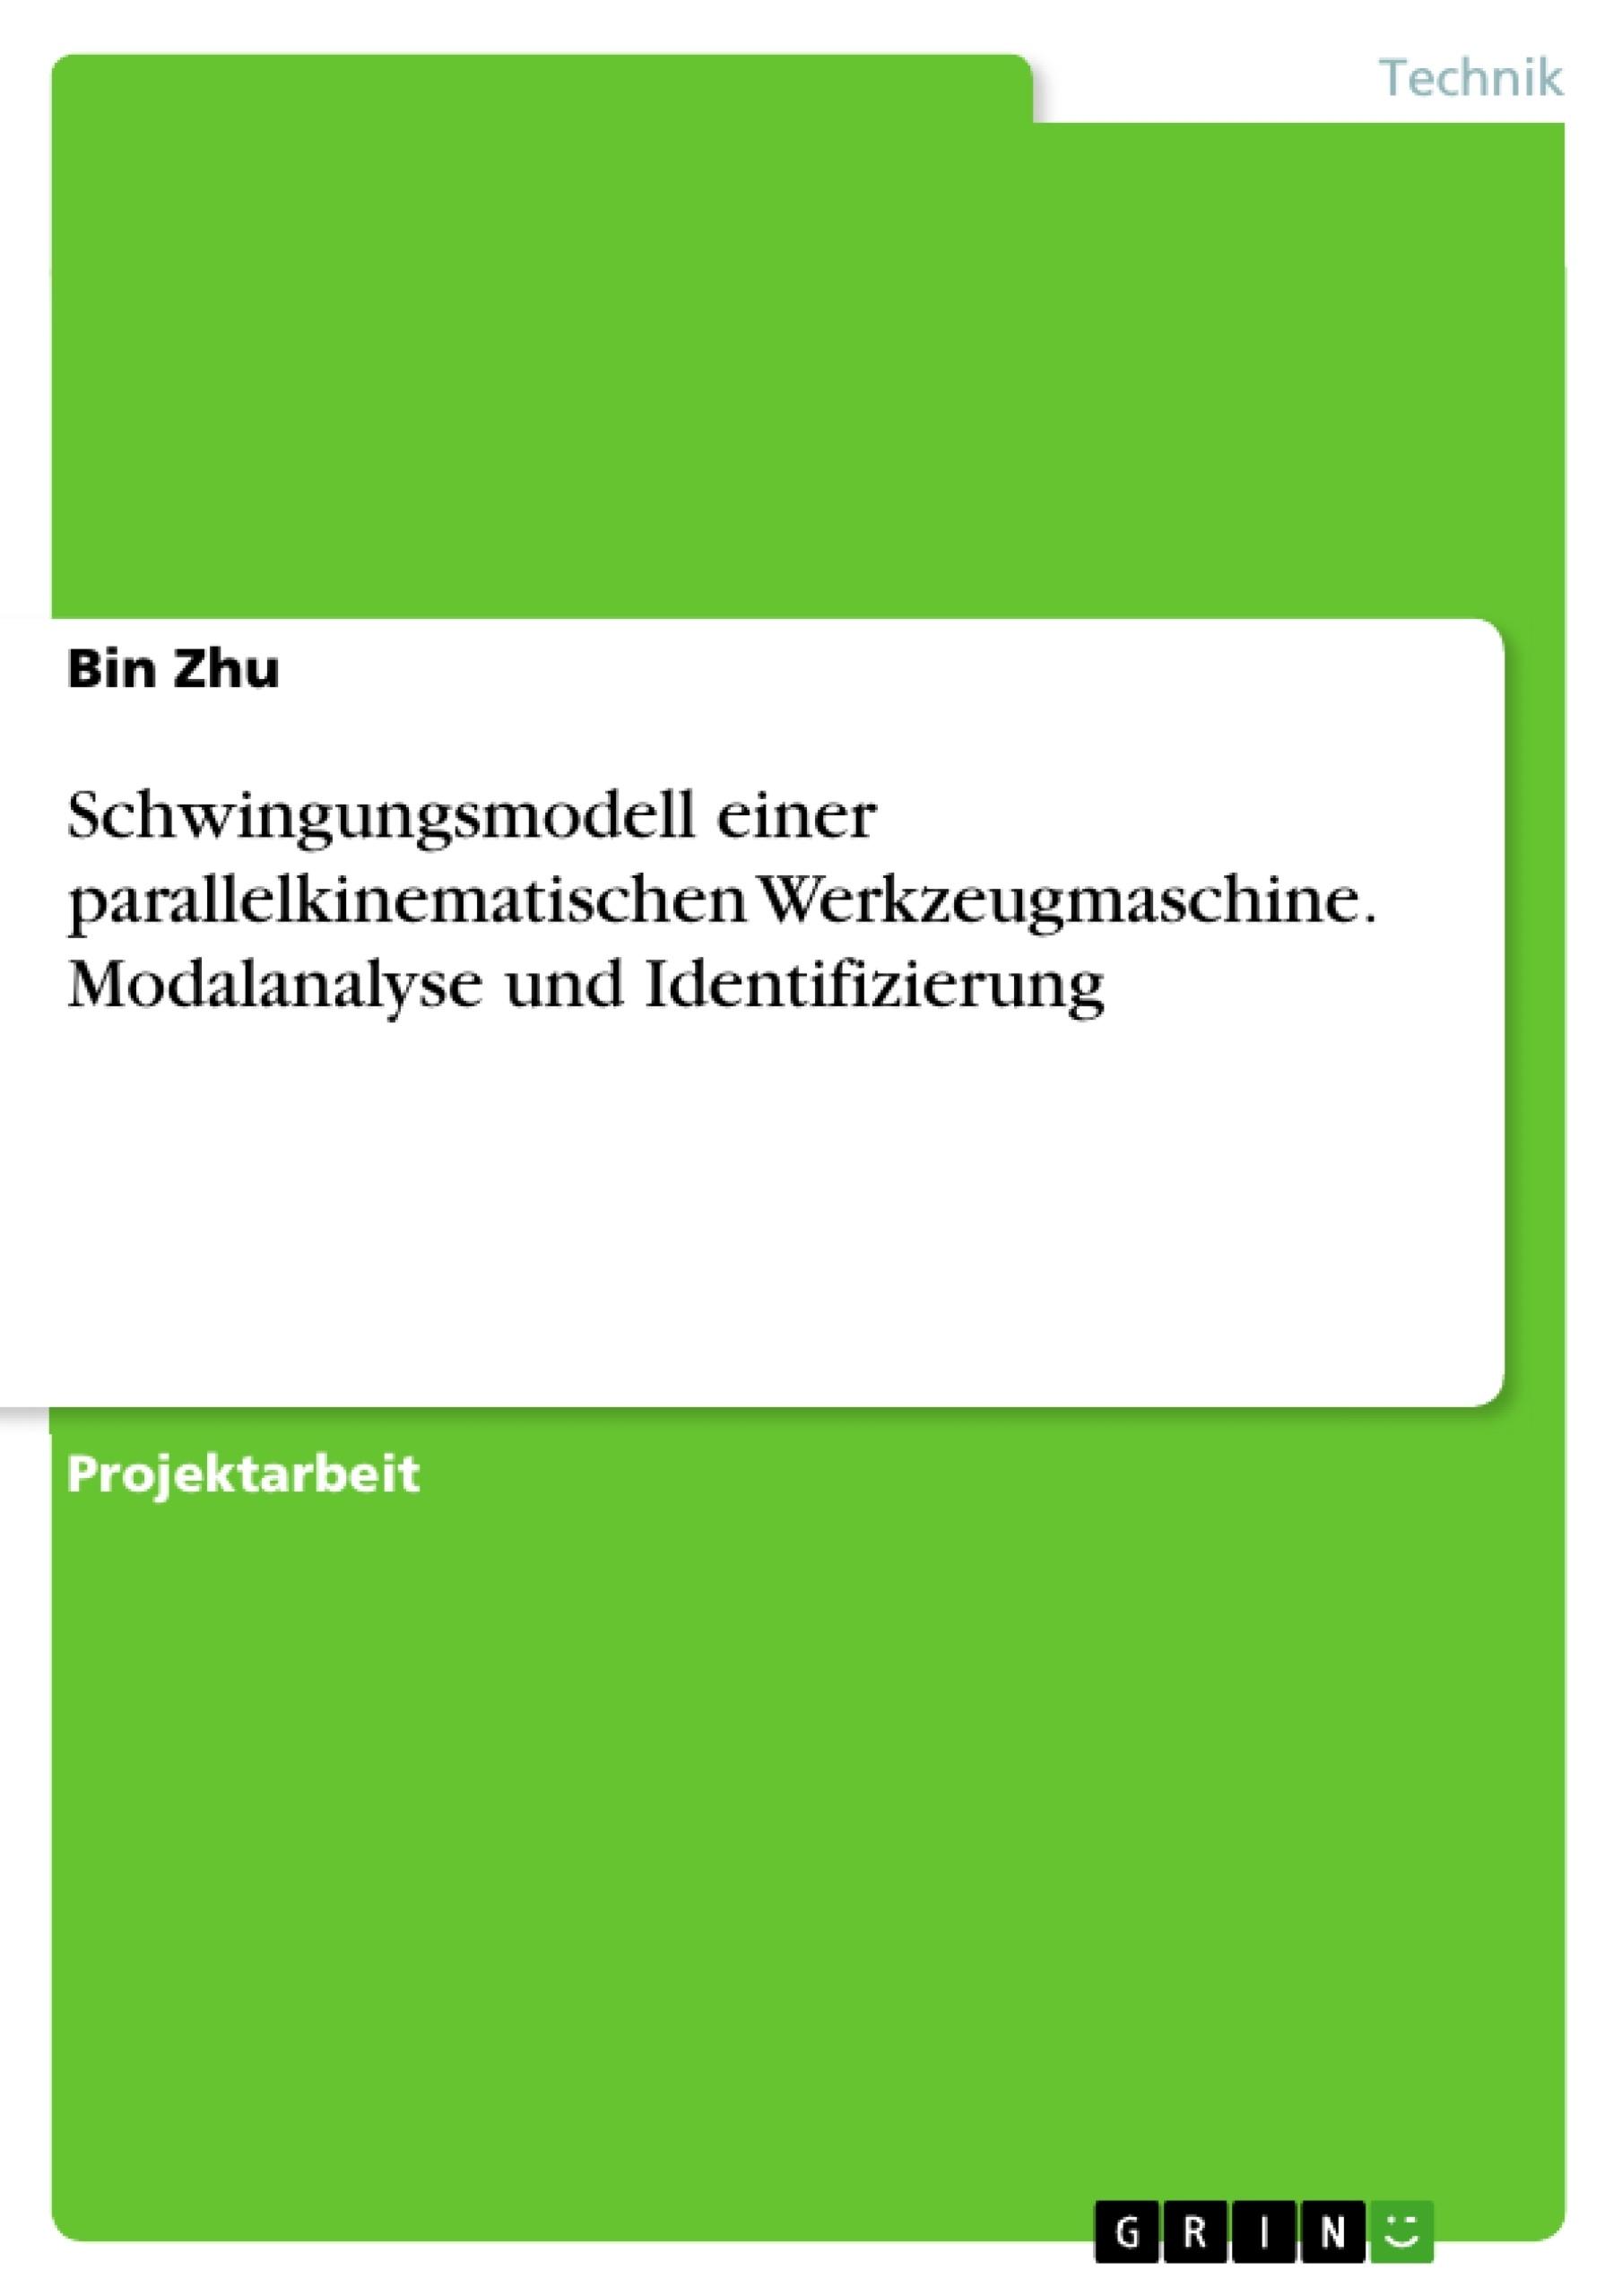 Titel: Schwingungsmodell einer parallelkinematischen Werkzeugmaschine. Modalanalyse und Identifizierung